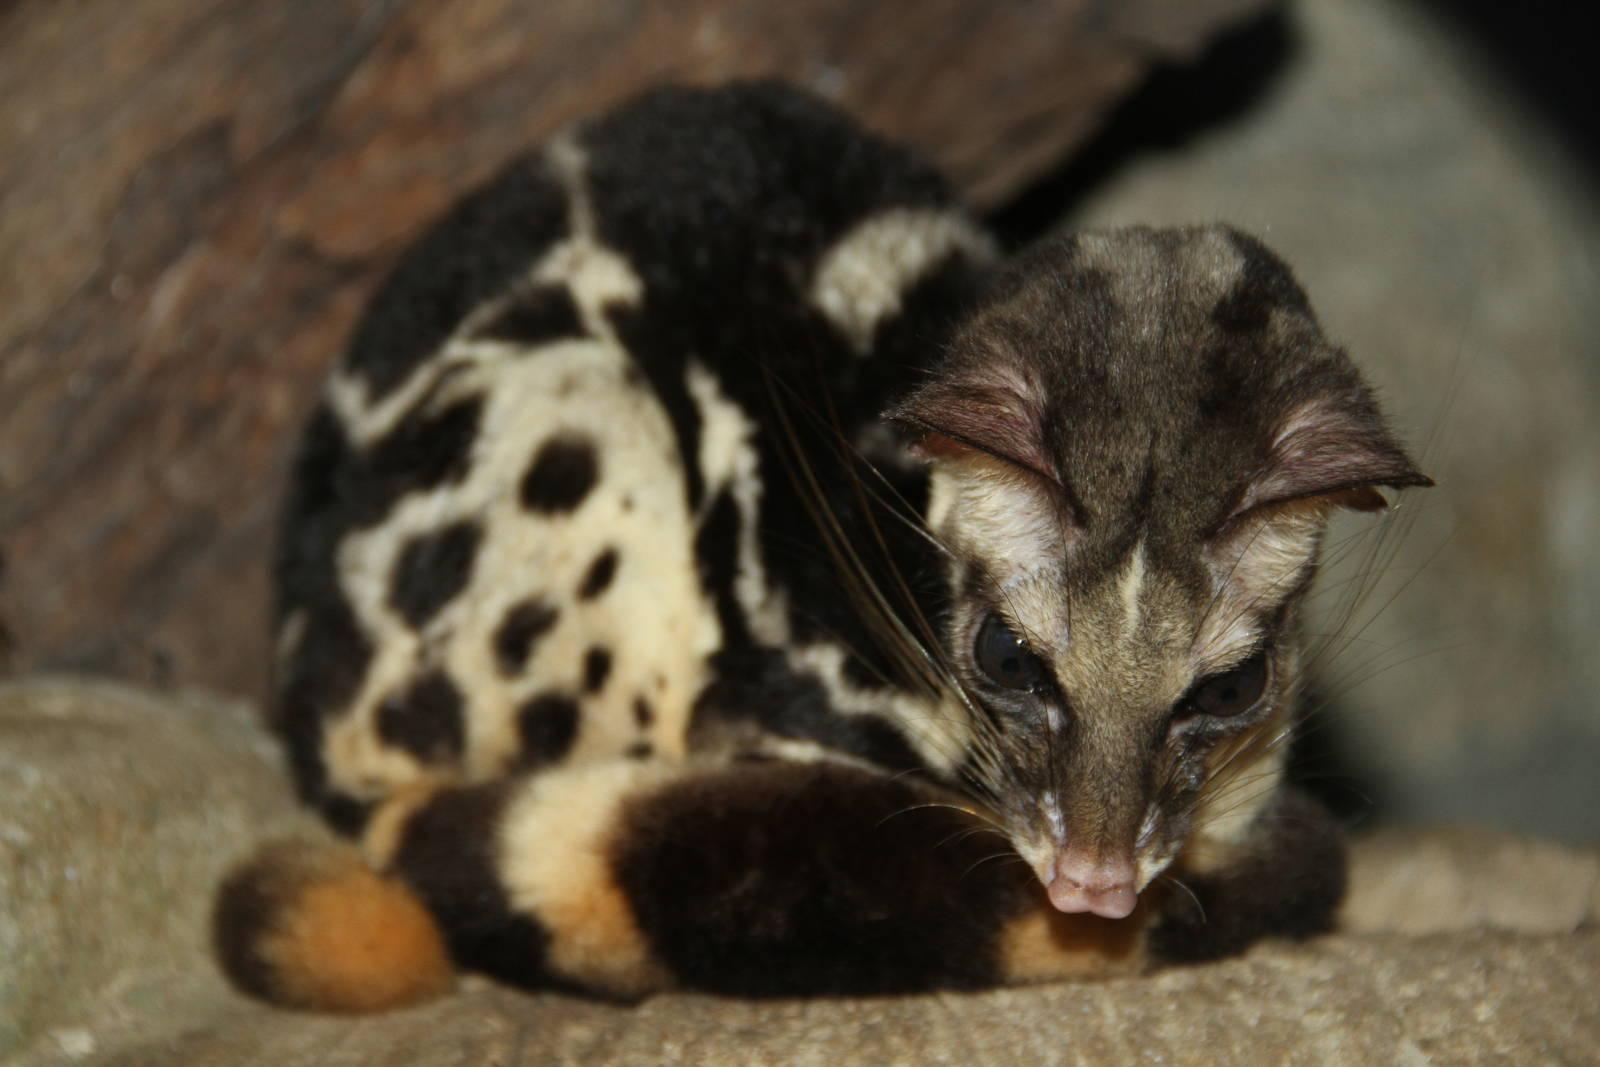 Prionodon pardicolor, Foto: zoochat.com